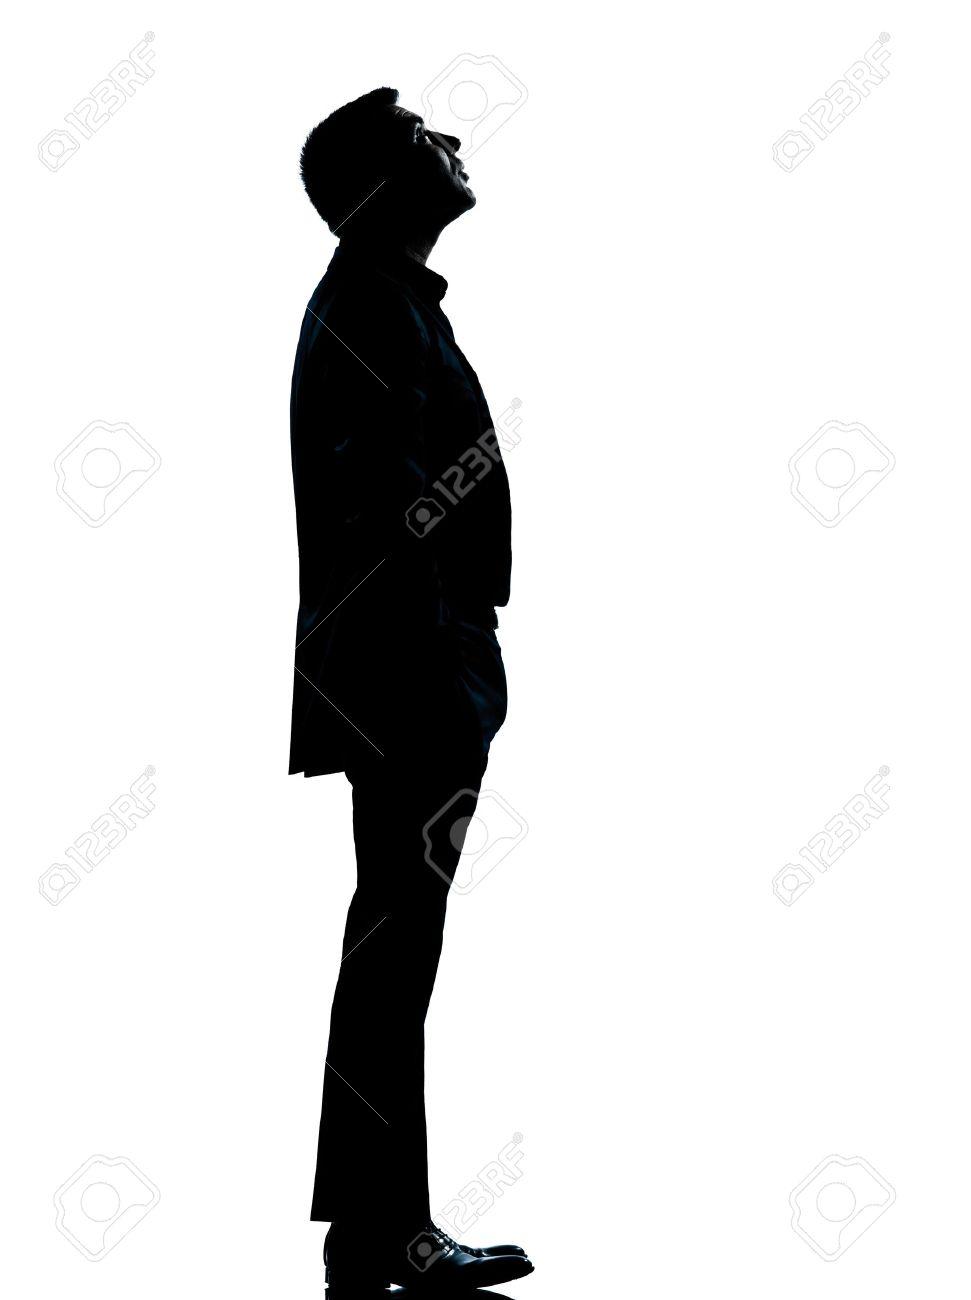 Human standing vector